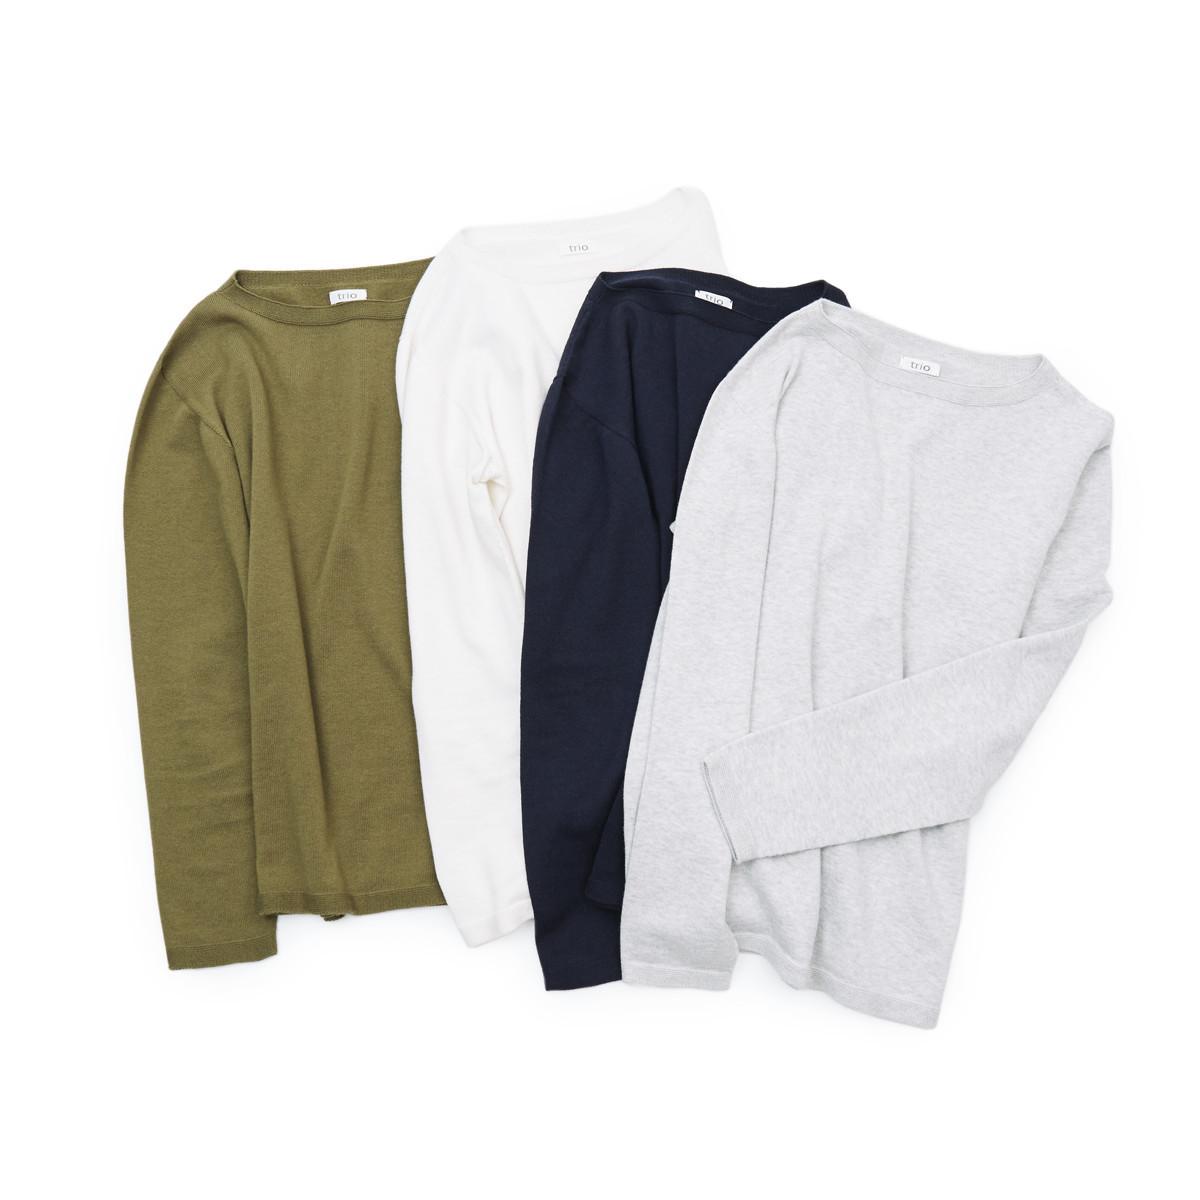 """縫い目がない「カシミア混ニット」 Sサイズ   ジャケットに合わせるだけで""""着こなし""""に磨きがかかる。縫い目がなく、着心地抜群。自宅で洗濯しても伸びにくいホールガーメント・ロングスリーブニット(MONOCO 限定)"""